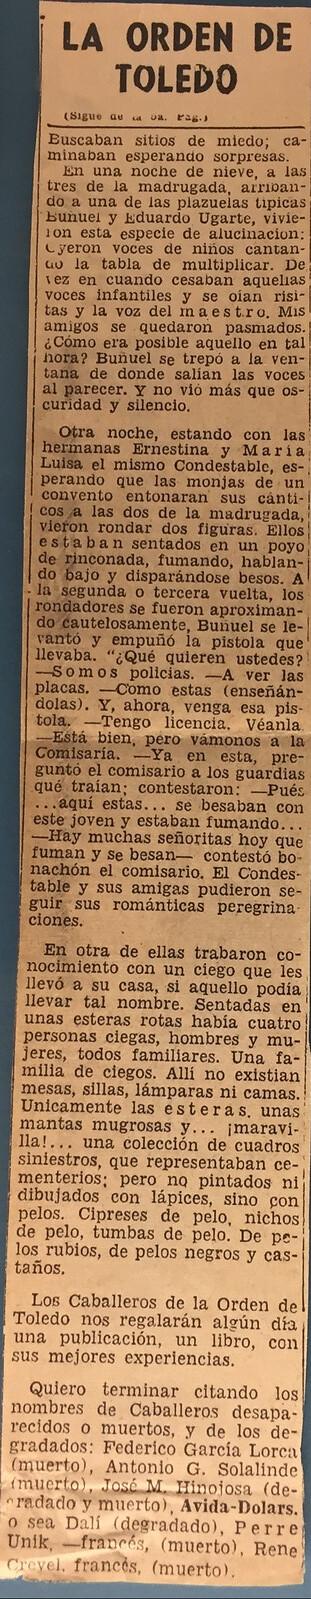 Artículo sobre la Orden de Toledo escrito por José Moreno Villa el 12 de octubre de 1947 en el diario El Nacional de México. (página 2)